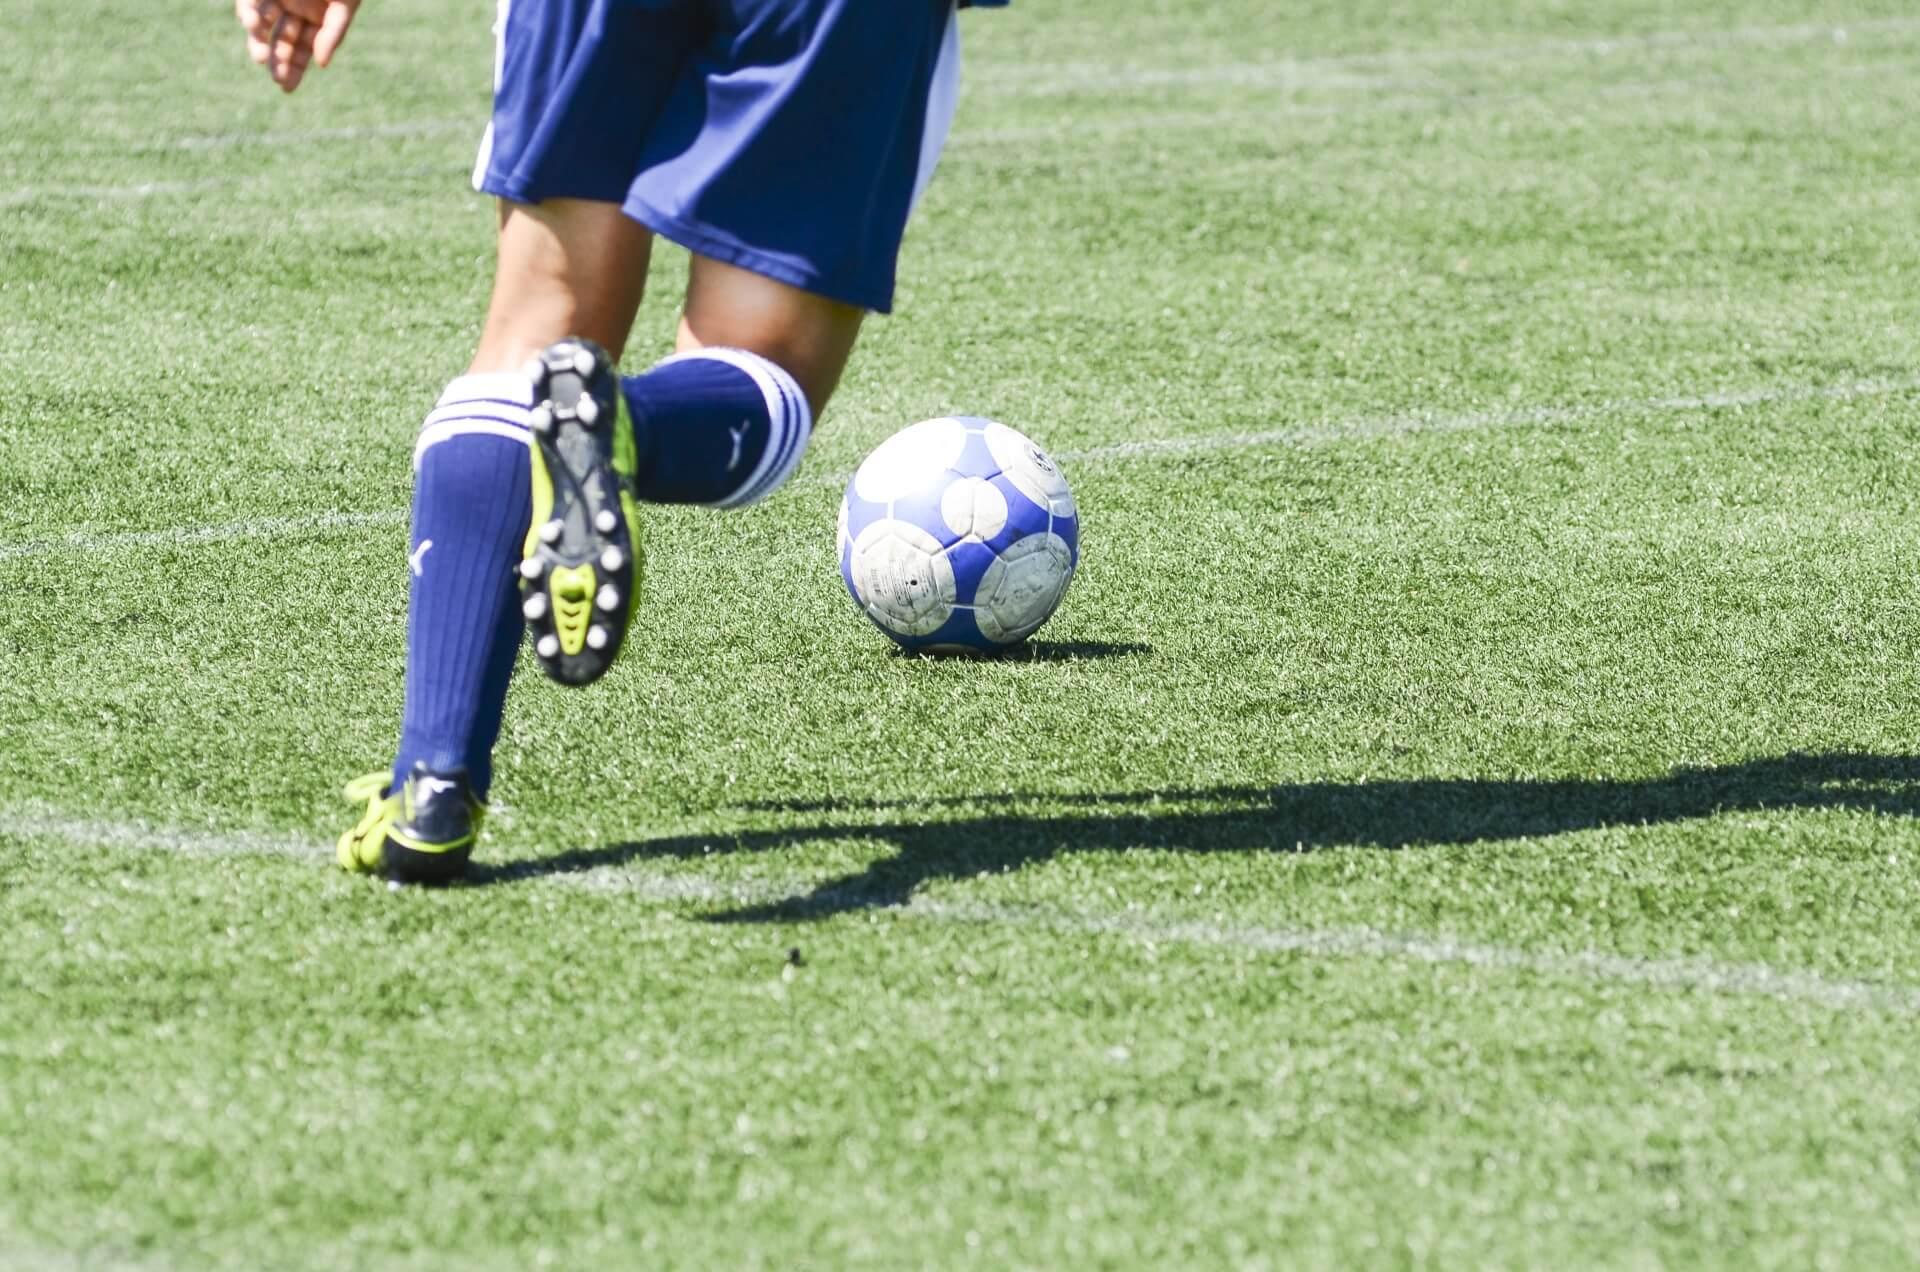 サッカー で巧いサイドハーフの動き方、ボールの貰い方